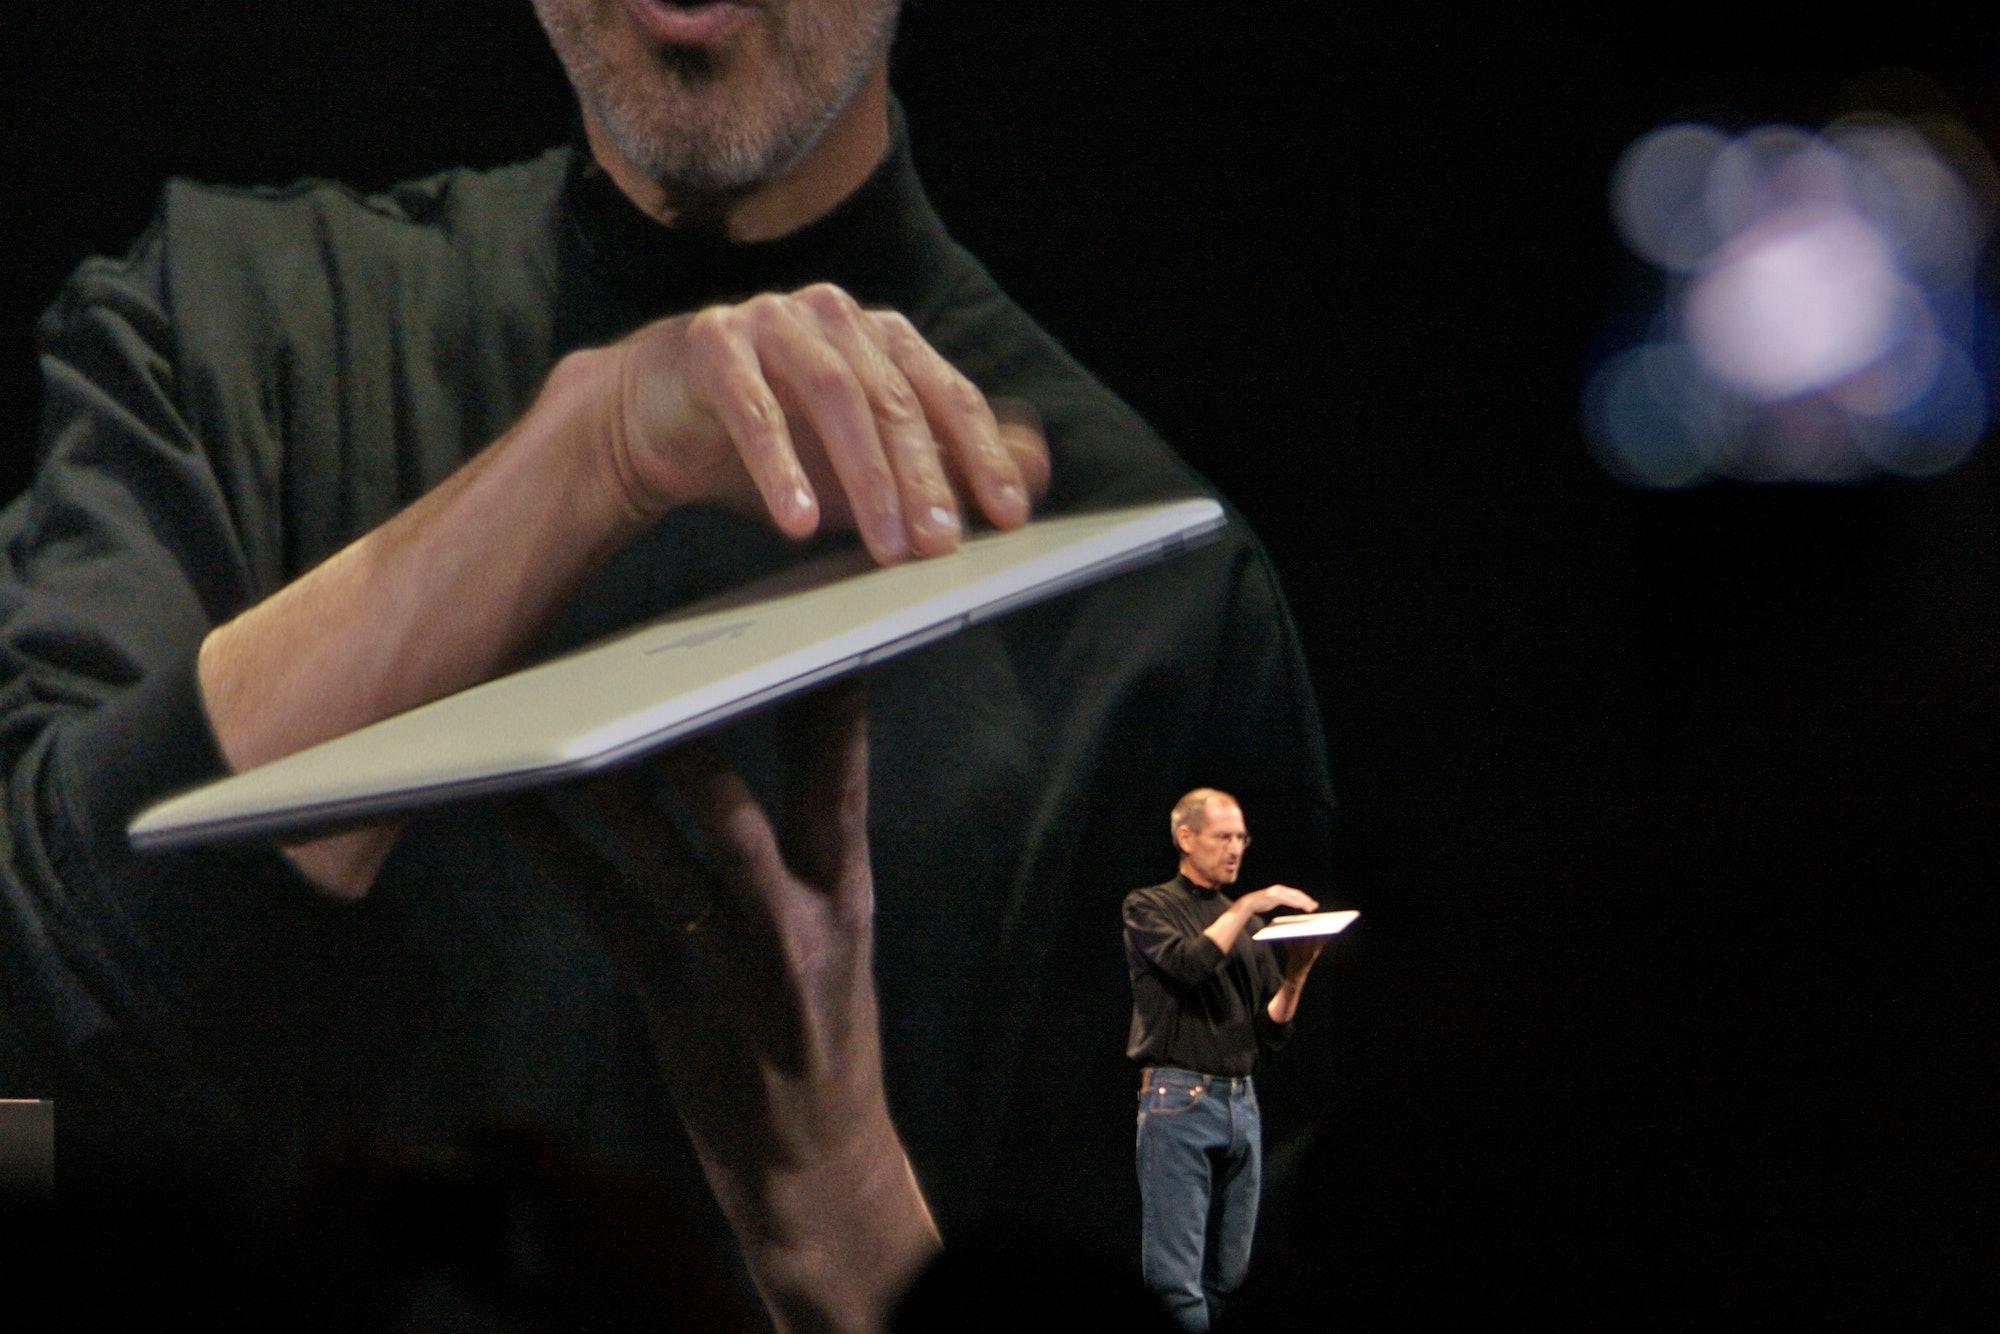 Steve Jobs demos the MacBook Air